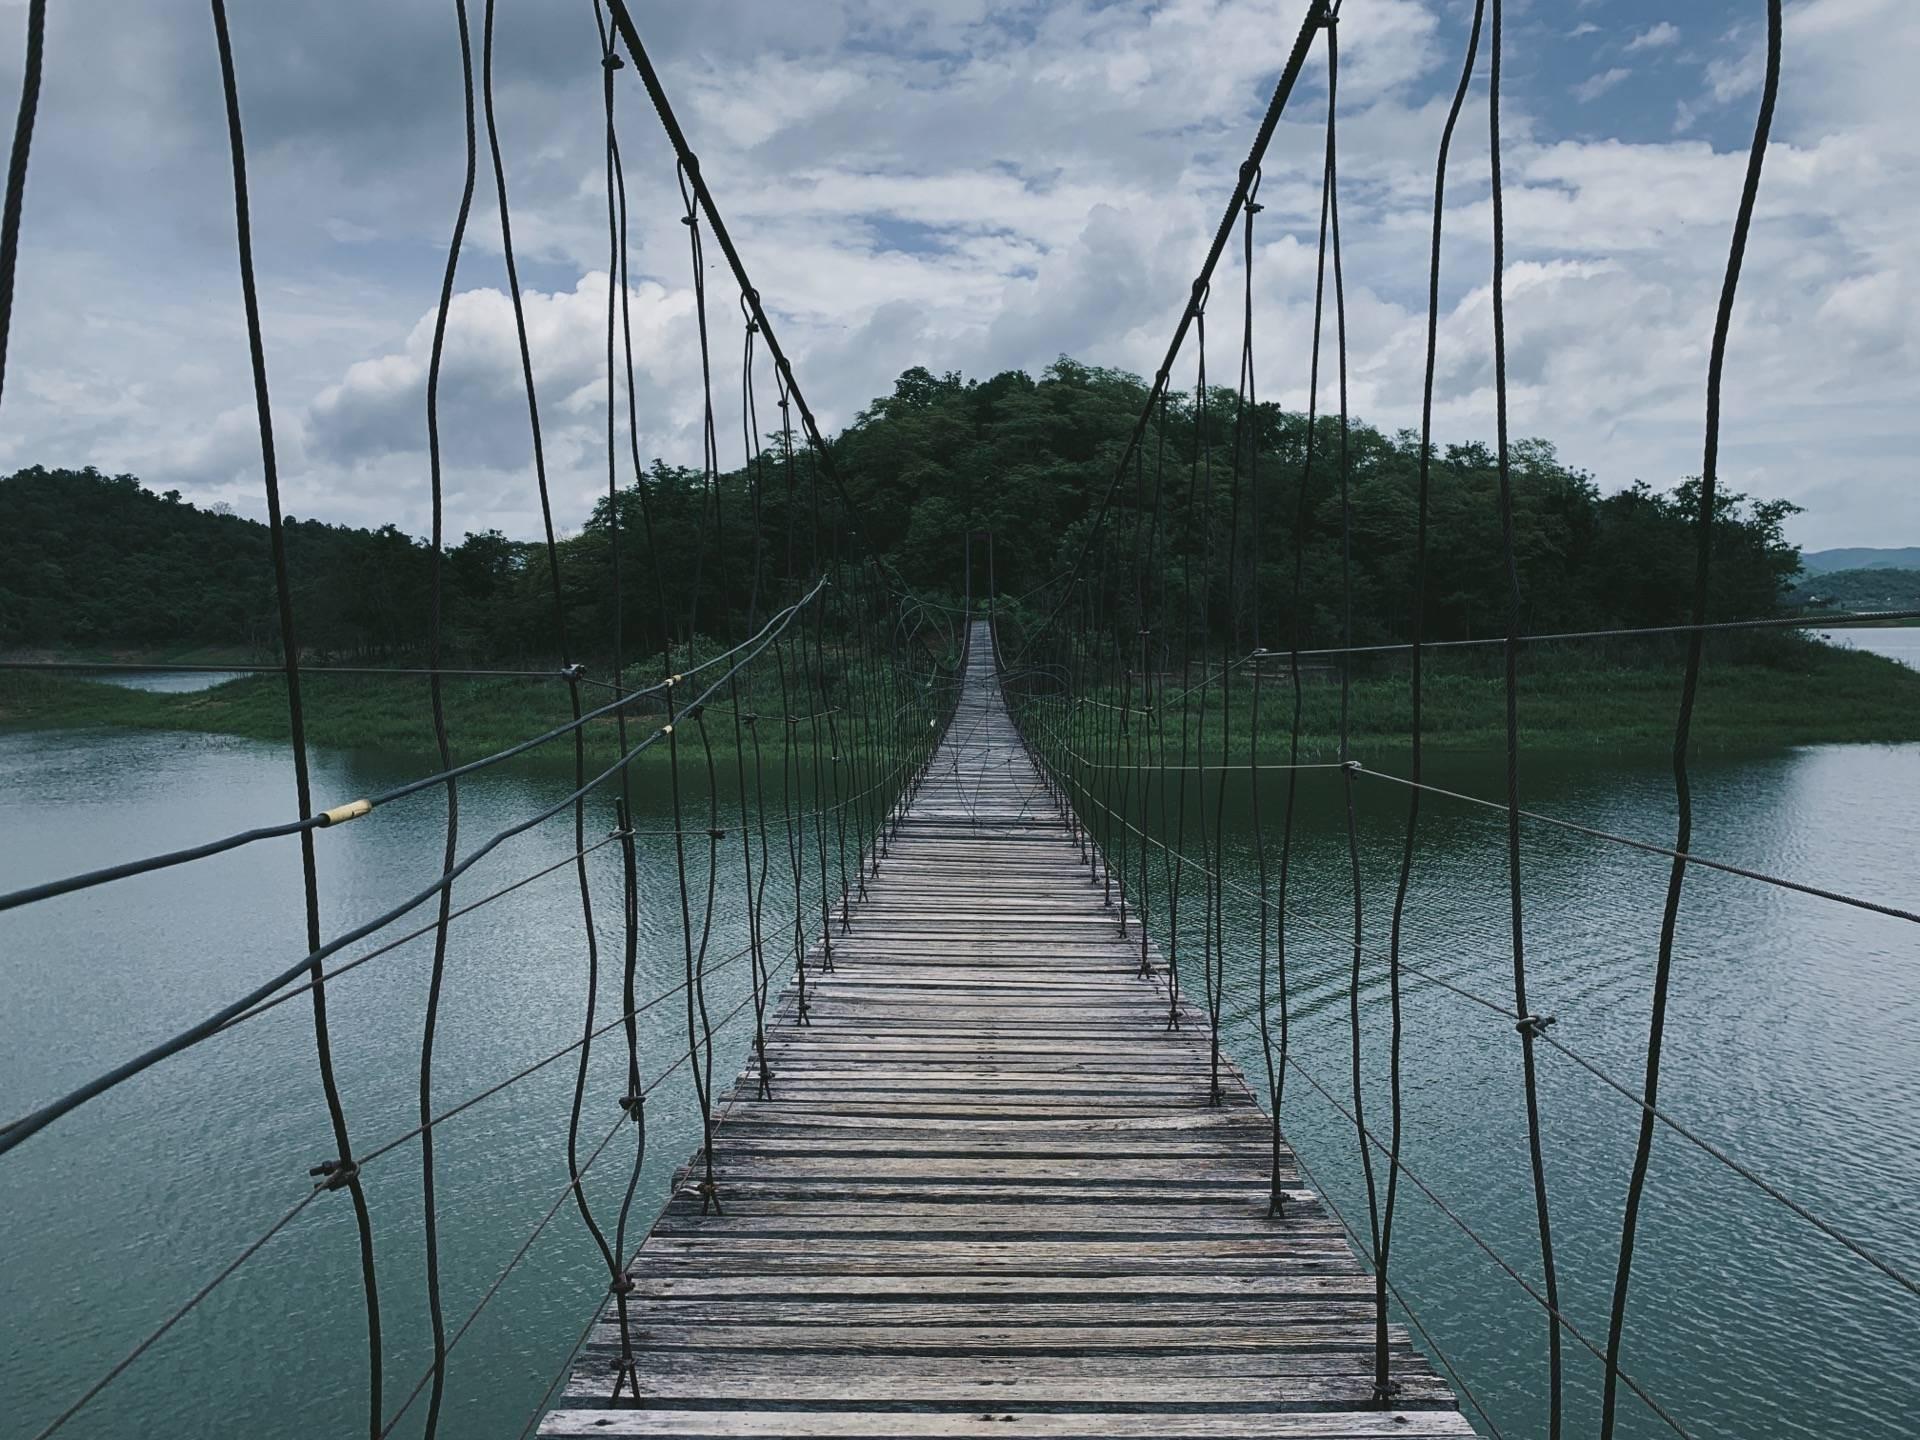 สะพานแขวน ตอนเราไปอากาศค่อนข้างร้อนชื้นแนะนำให้พกร่มหรือหมวกไปด้วยนะคะ